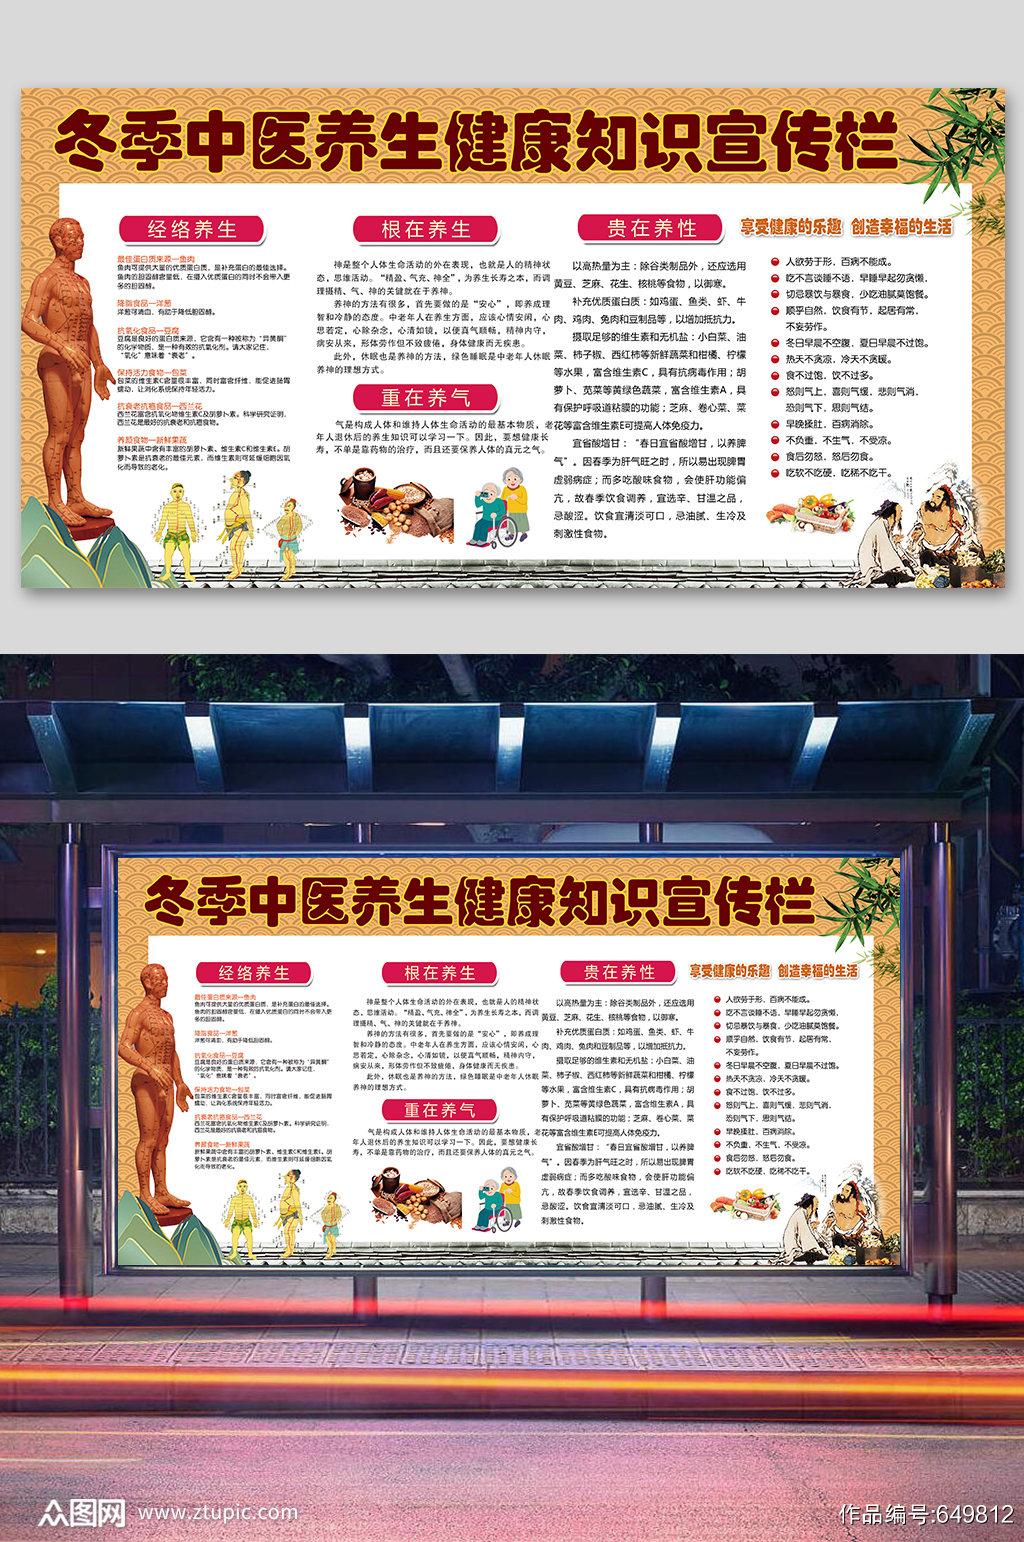 冬季健康宣传中医院宣传中医科宣传健康教育宣传素材